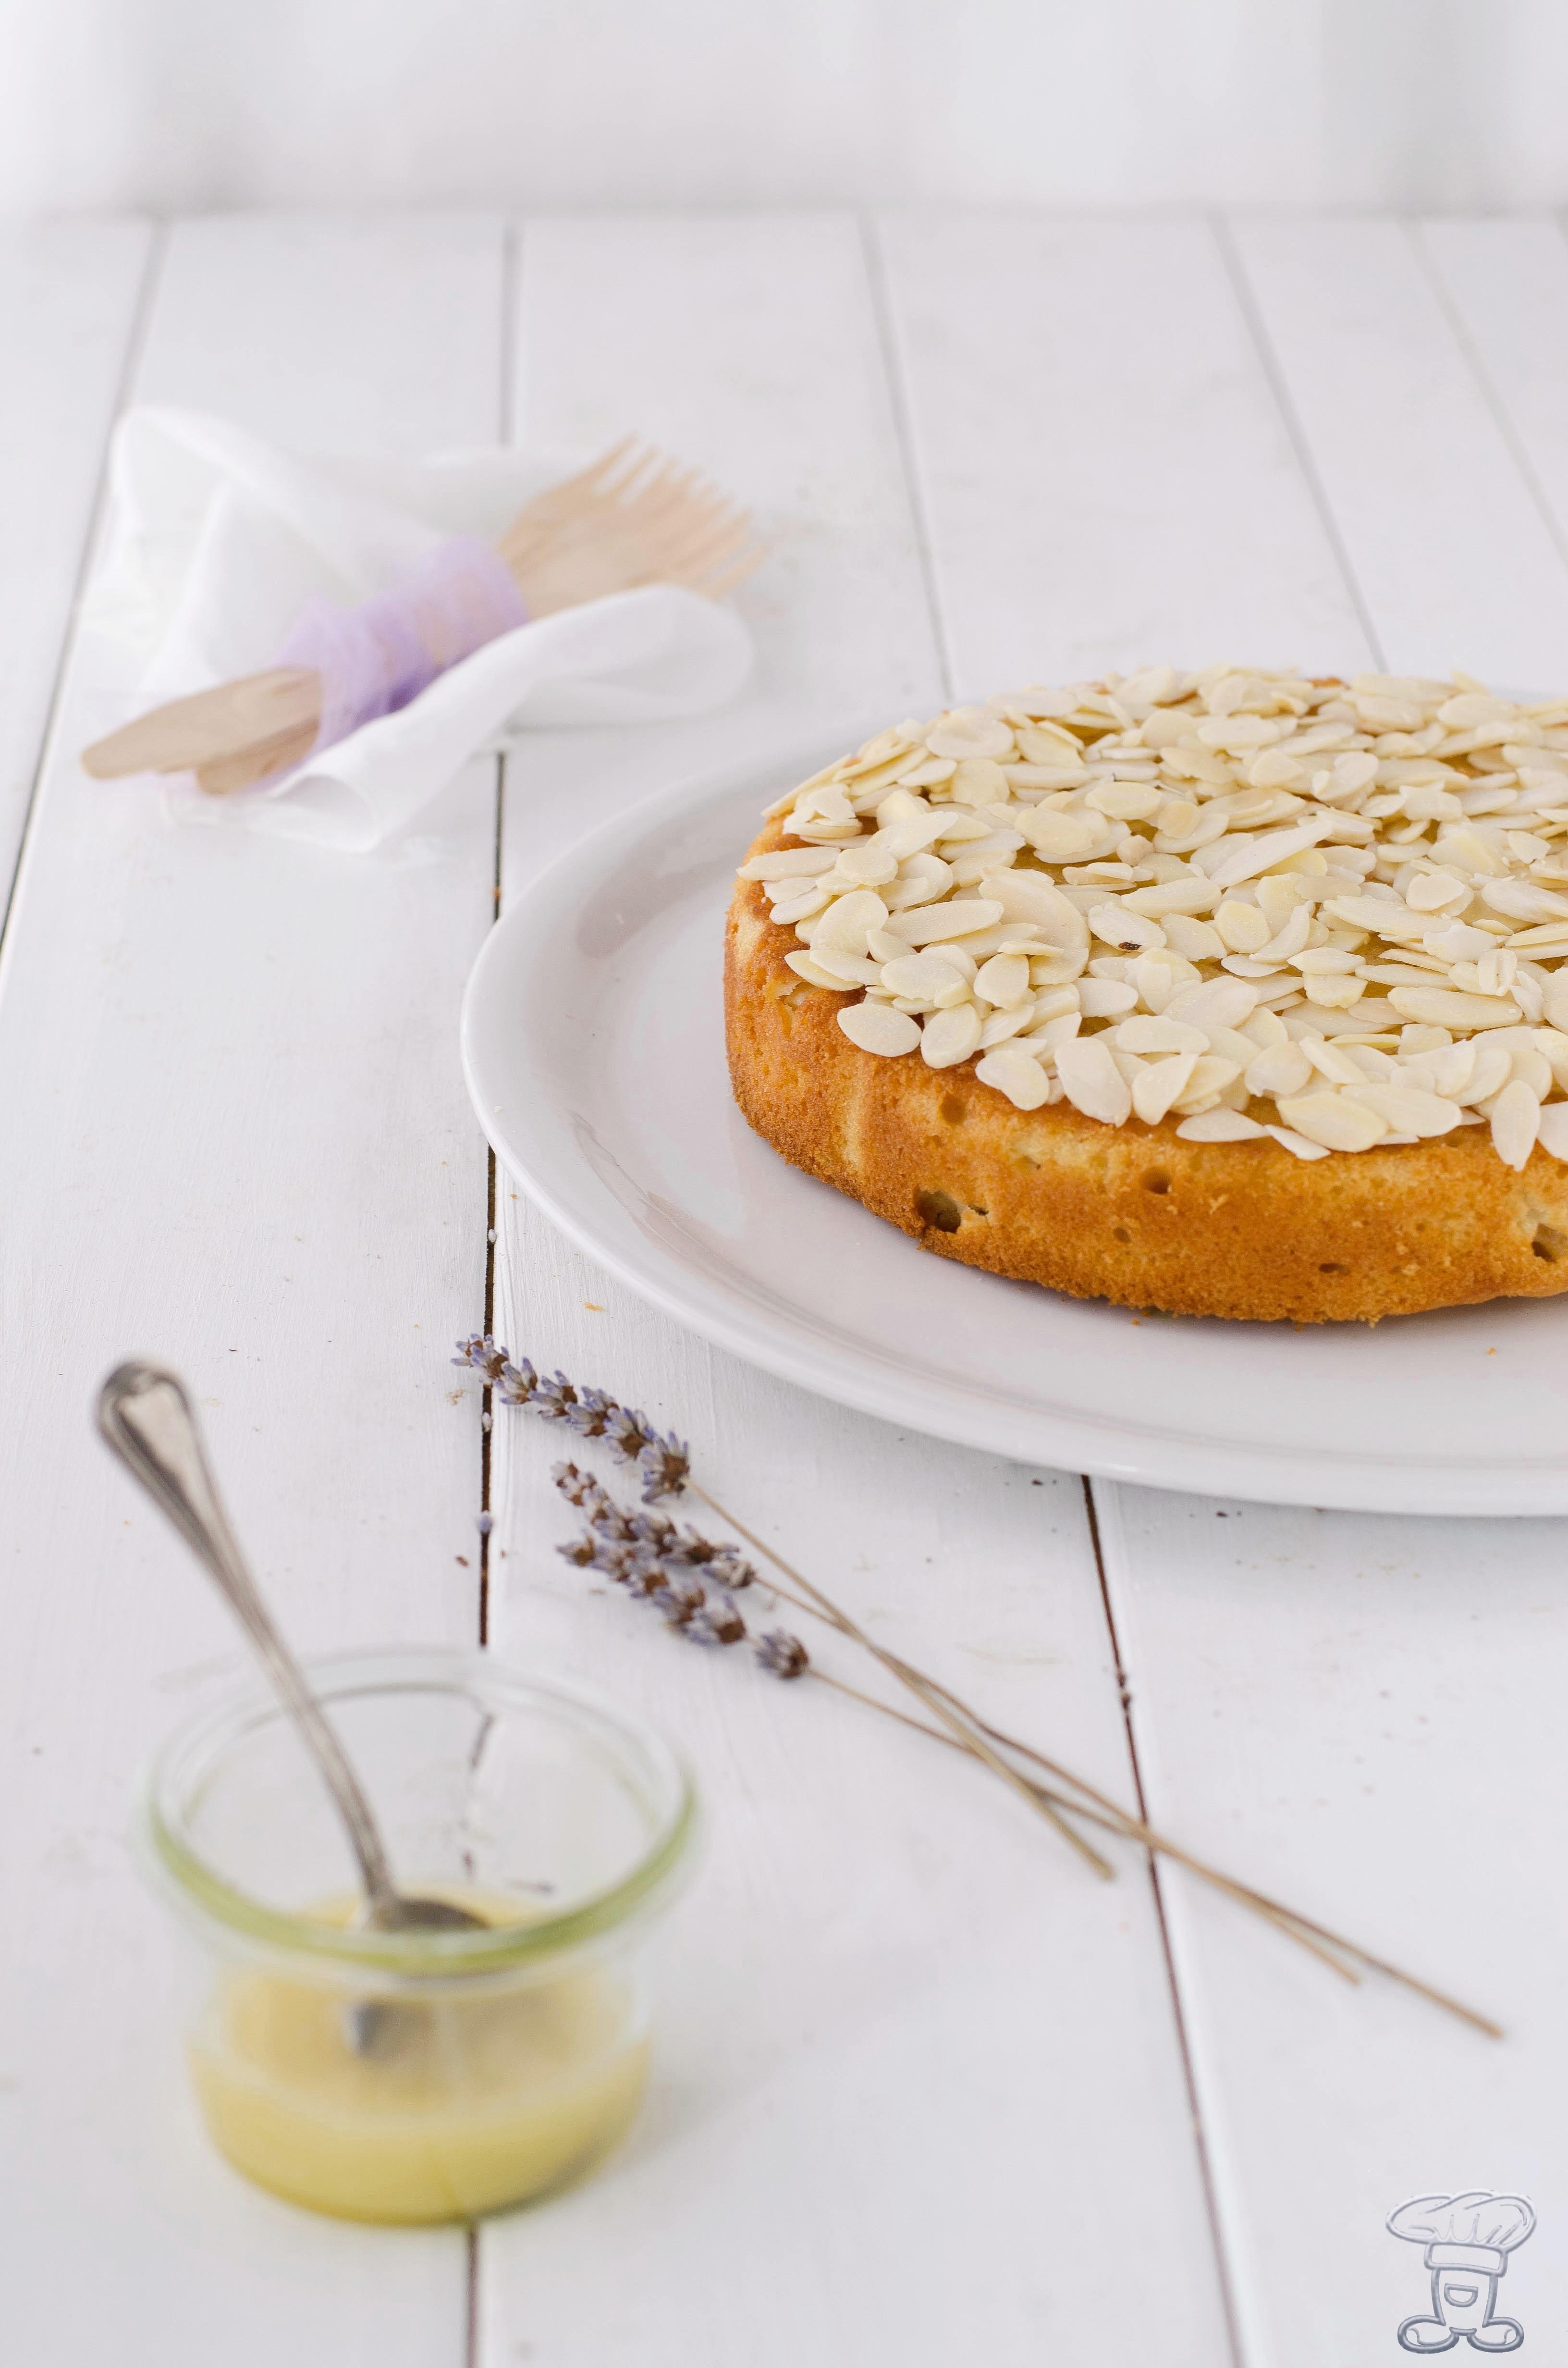 miele-torta La custode del miele delle api e la mia Torta al Miele di Lavanda, mandorle e pere